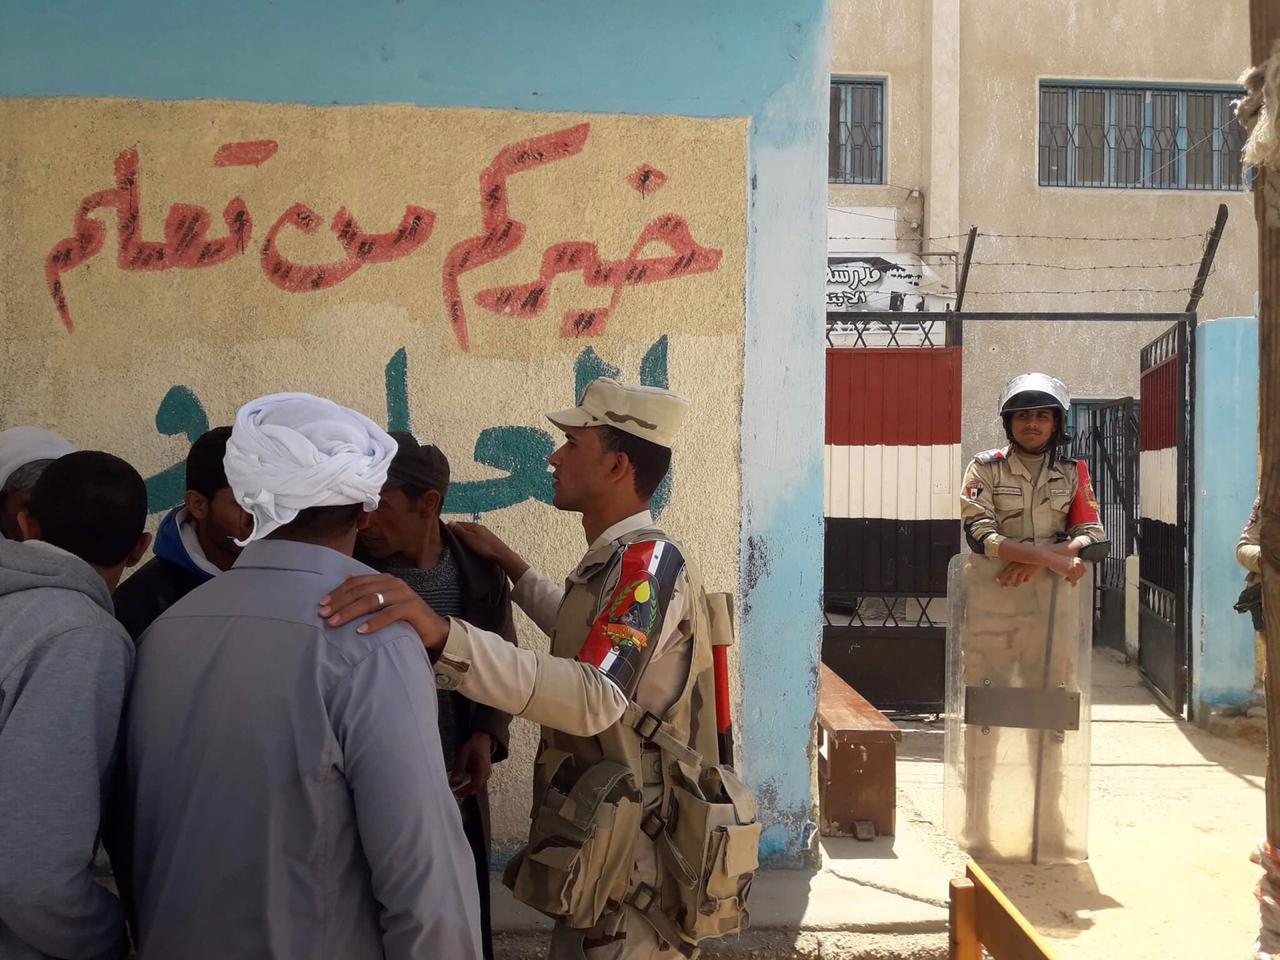 أهالى شمال سيناء المقيمين فى الإسماعيلية يصطفون بكثافة ويشاركون فى الاستفتاء (7)